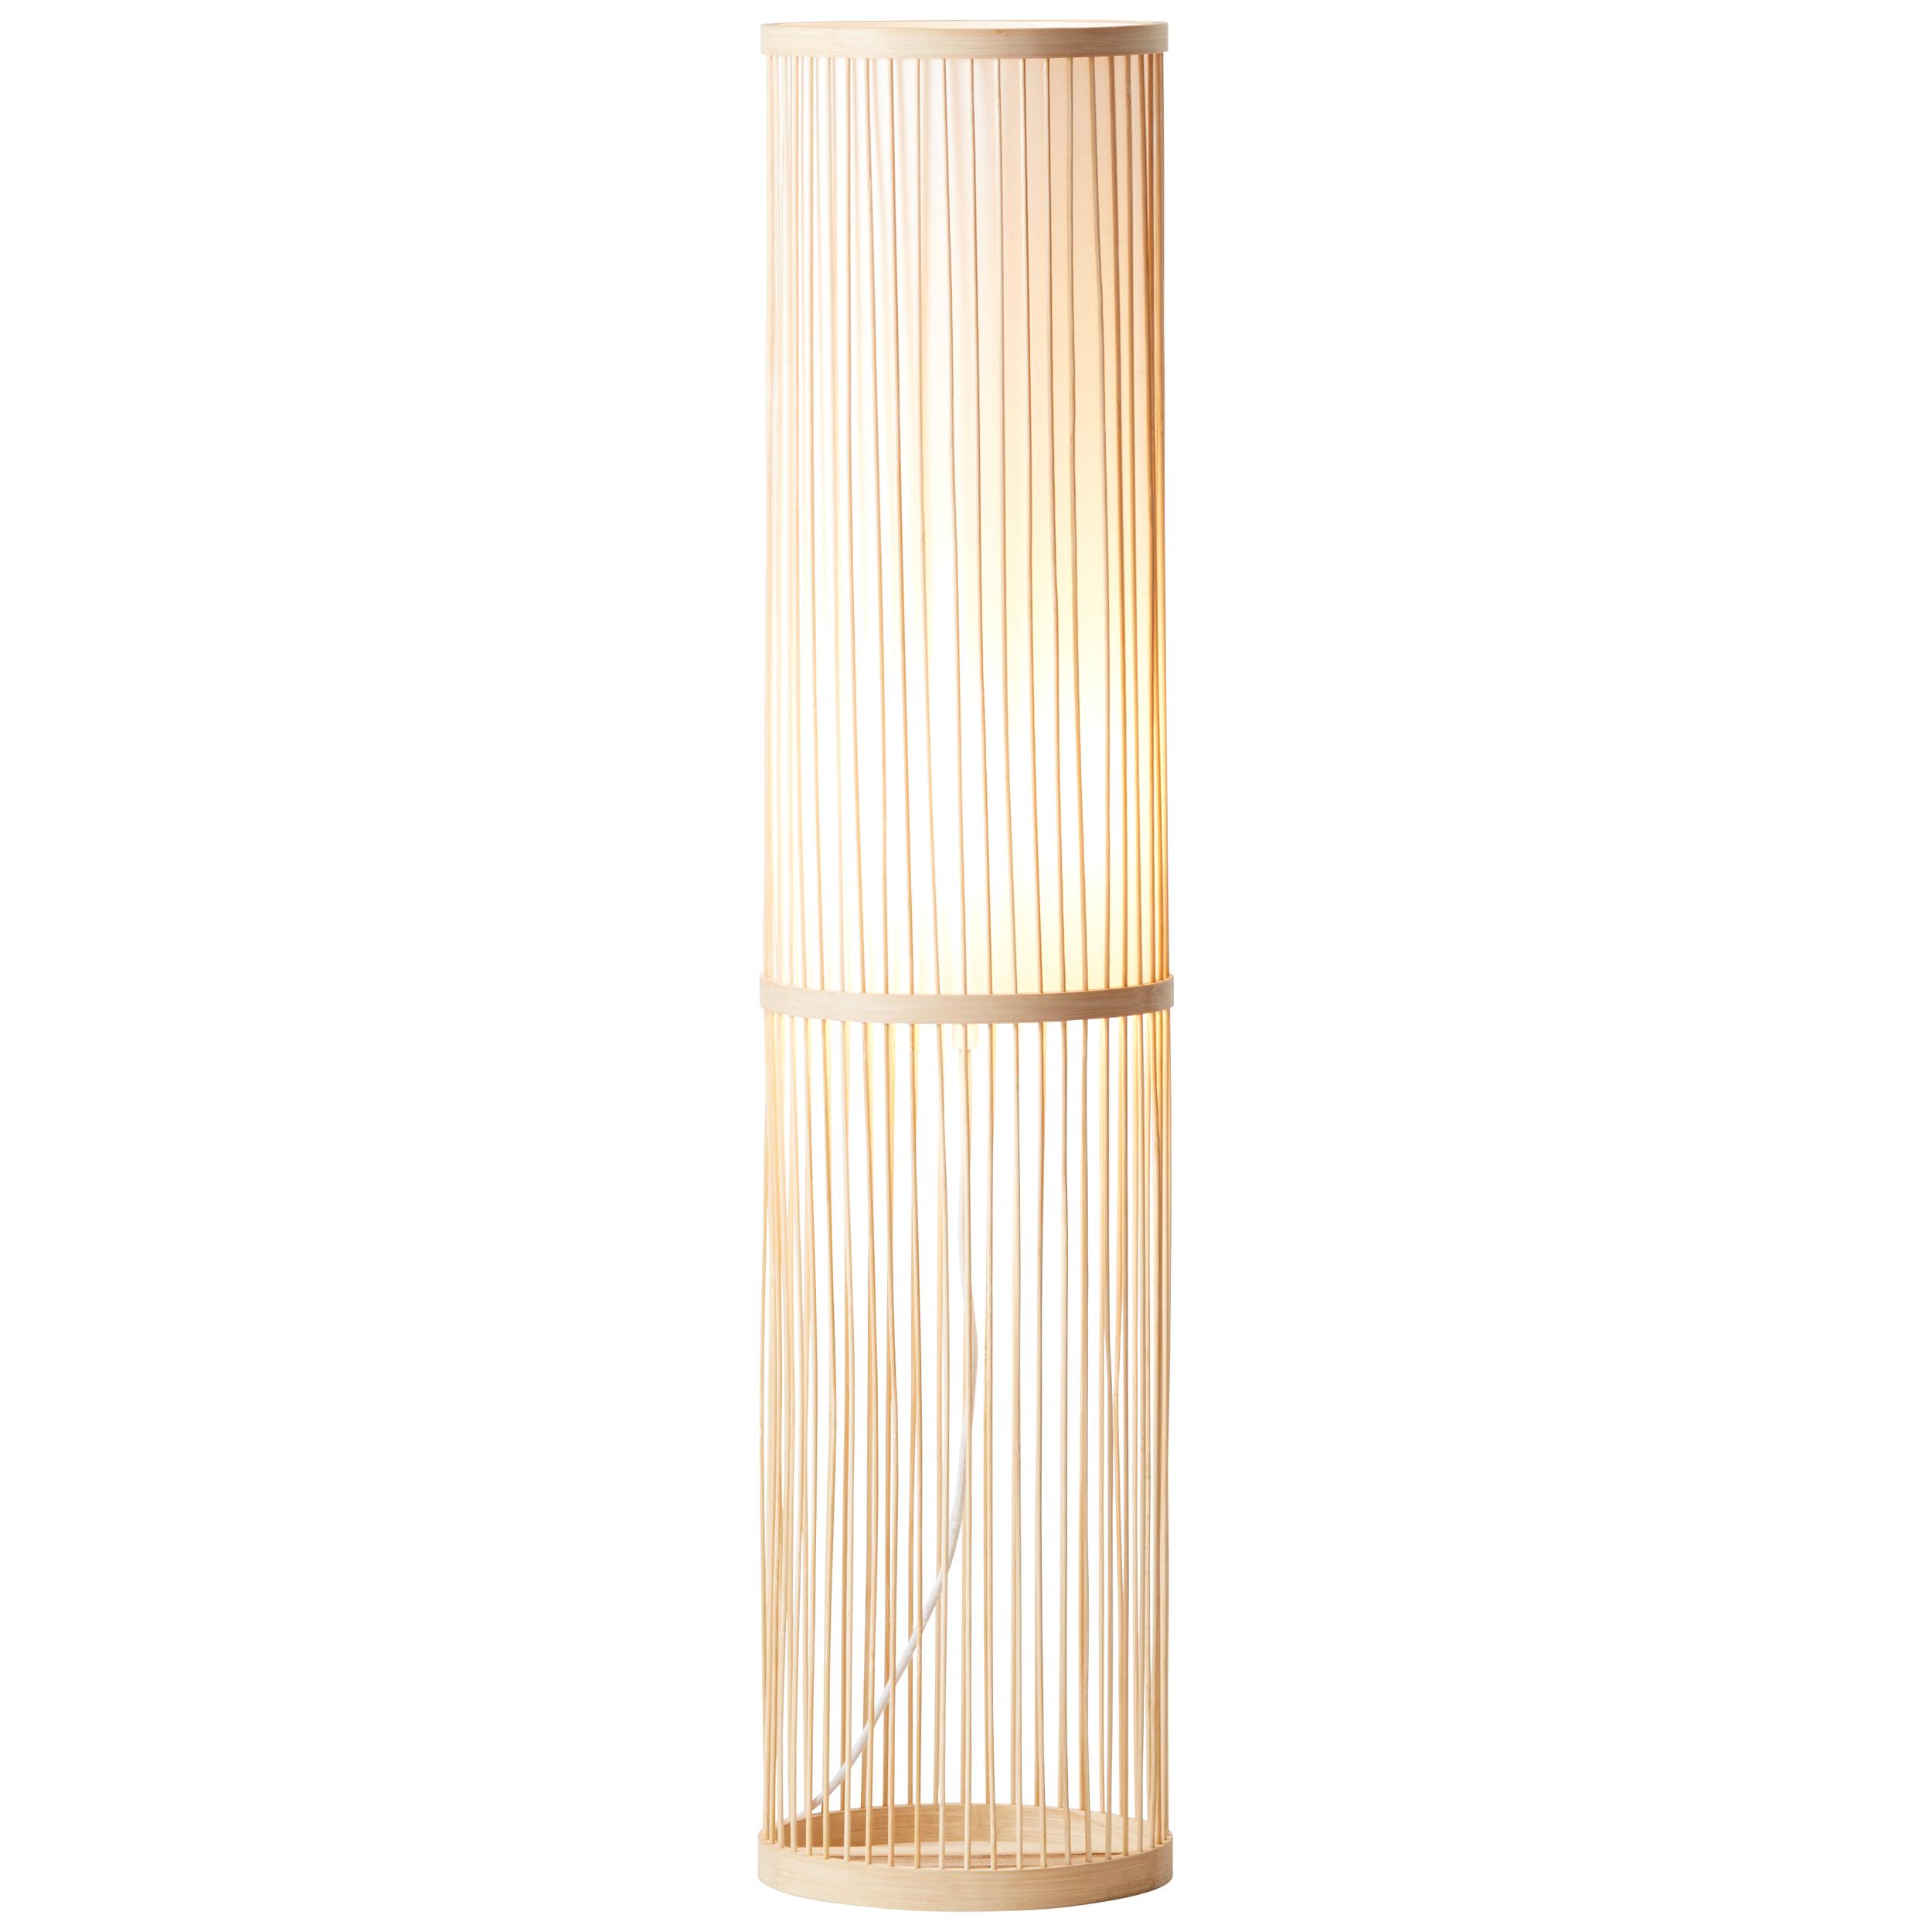 Lampadaire en bambou naturel